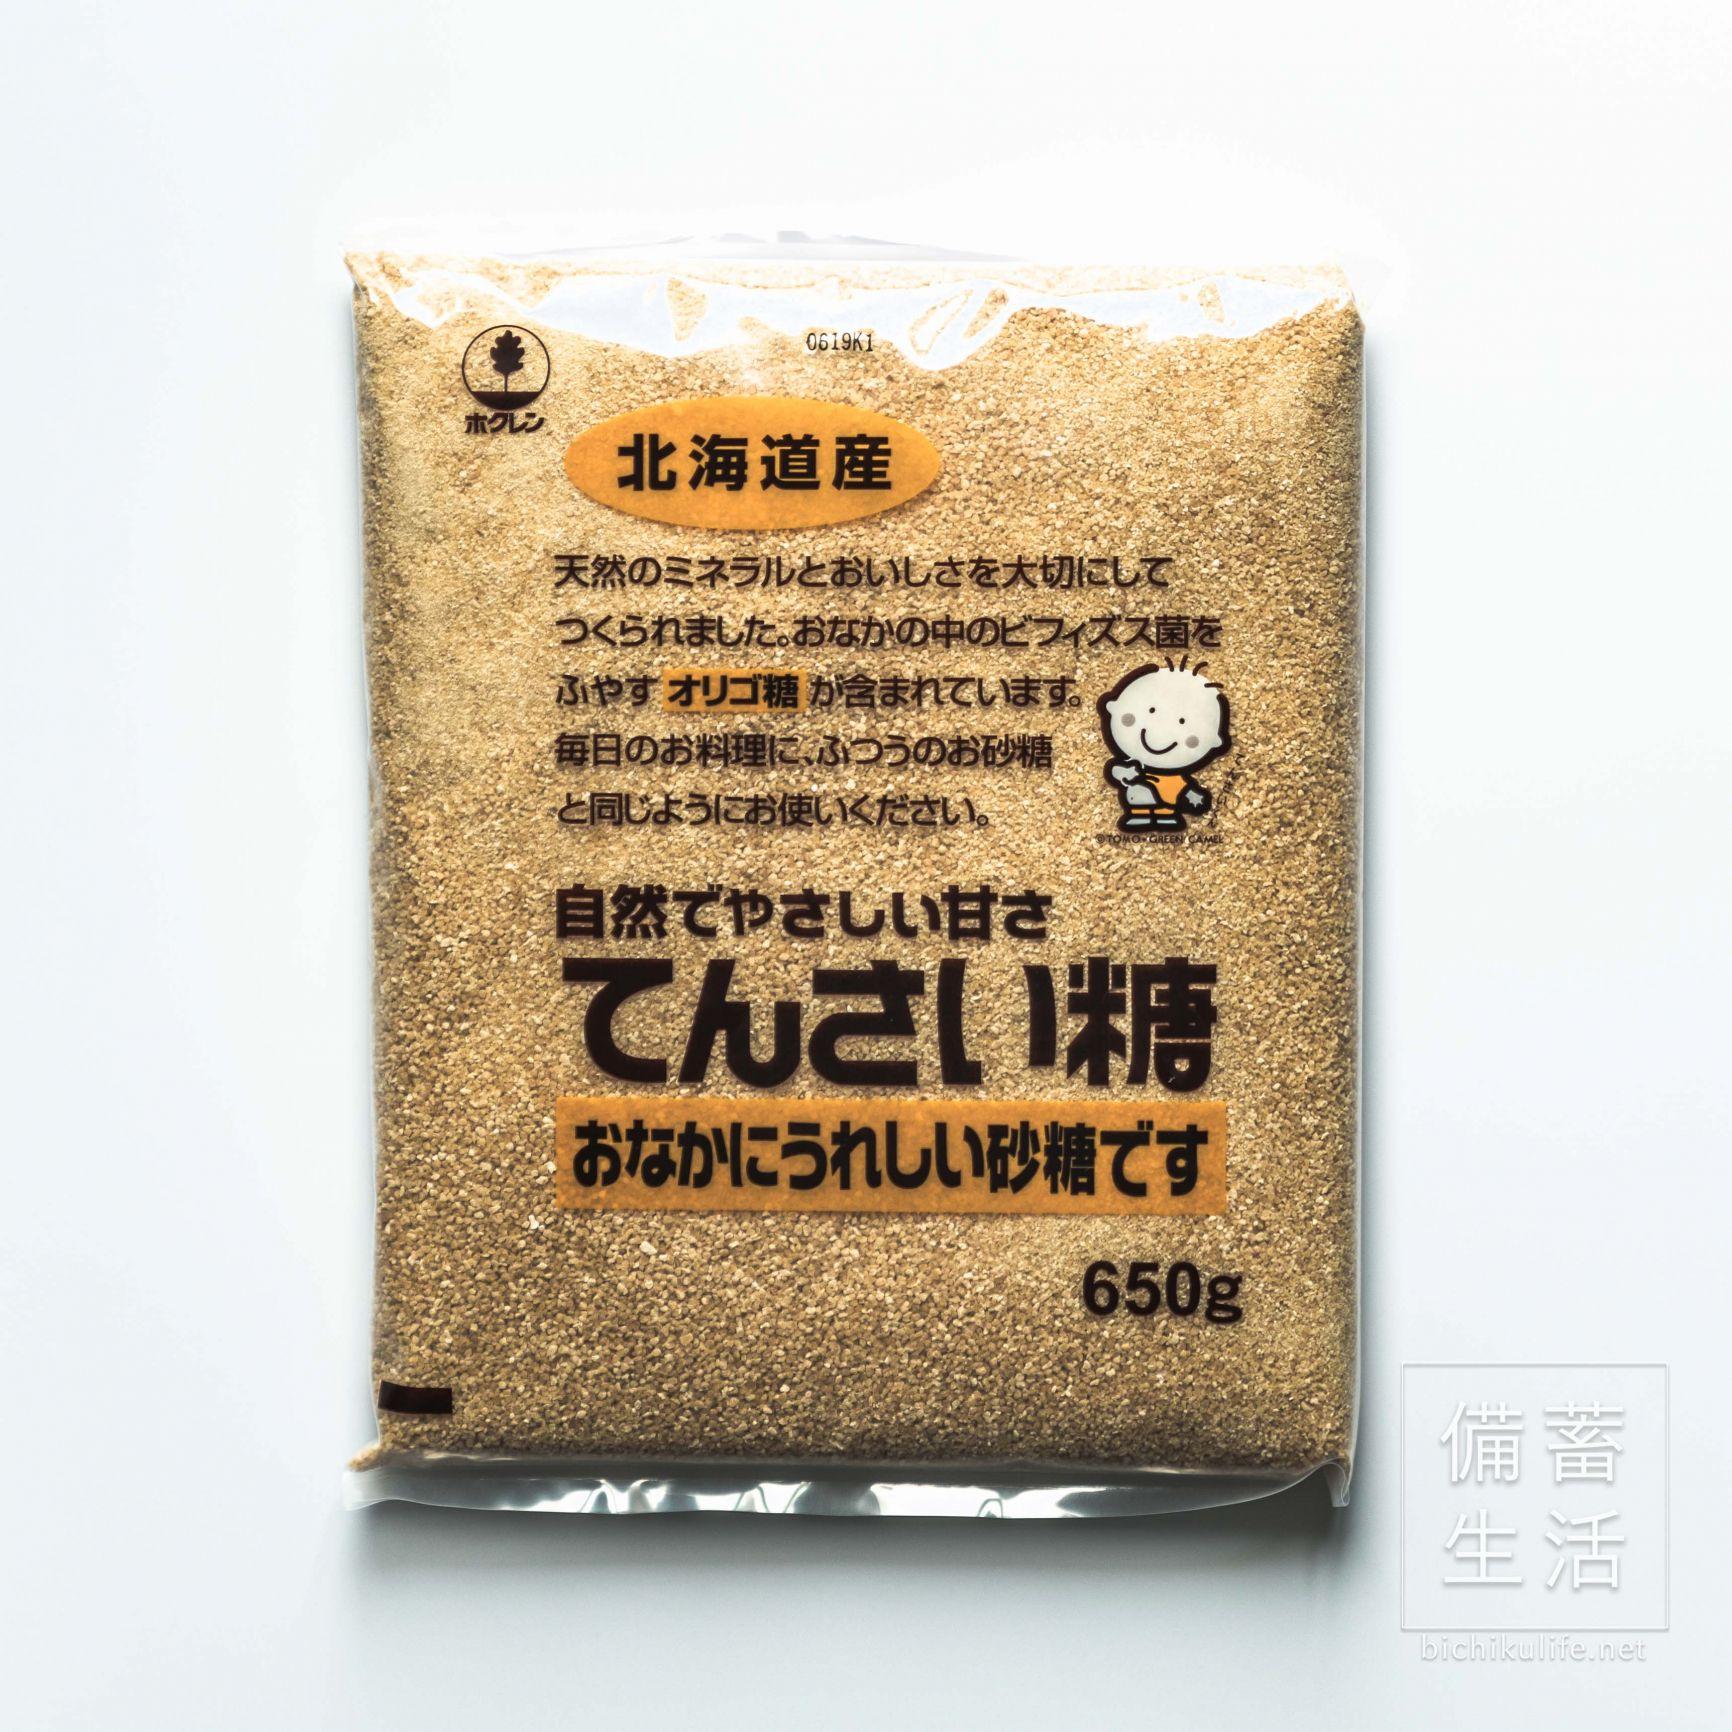 ホクレン北海道産 てん菜糖 北海道産のてん菜 ビートや砂糖大根の仲間で 日本では北海道でのみ栽培されている を100 使用したお砂糖です ホクレン 北海道 てんさい